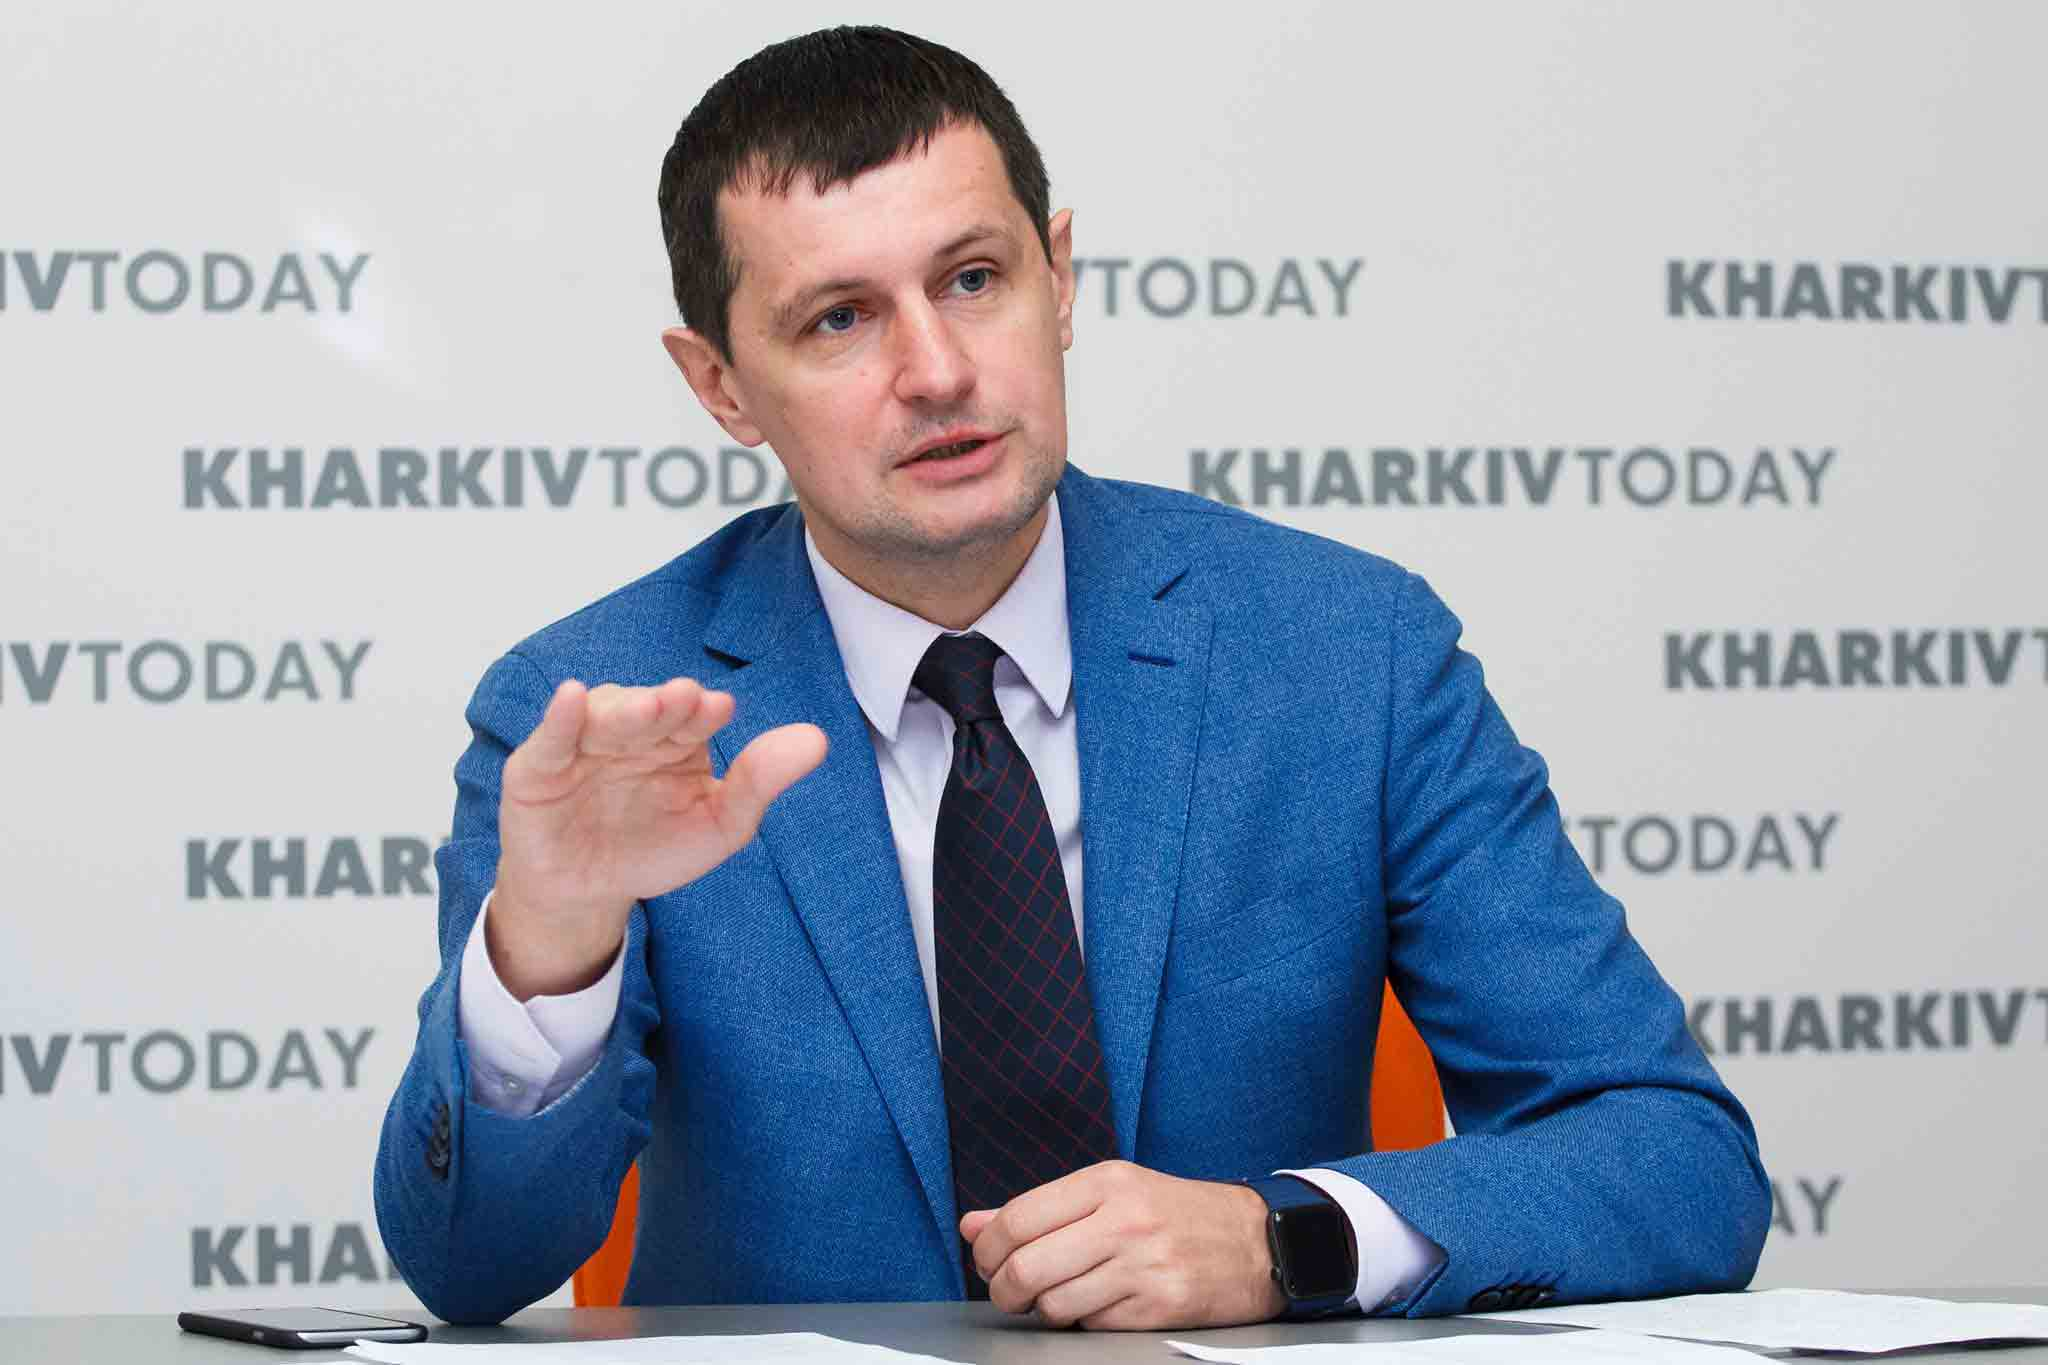 Роман Семенуха: «За роки незалежності українці так і не мали справжньої влади у своїй державі»